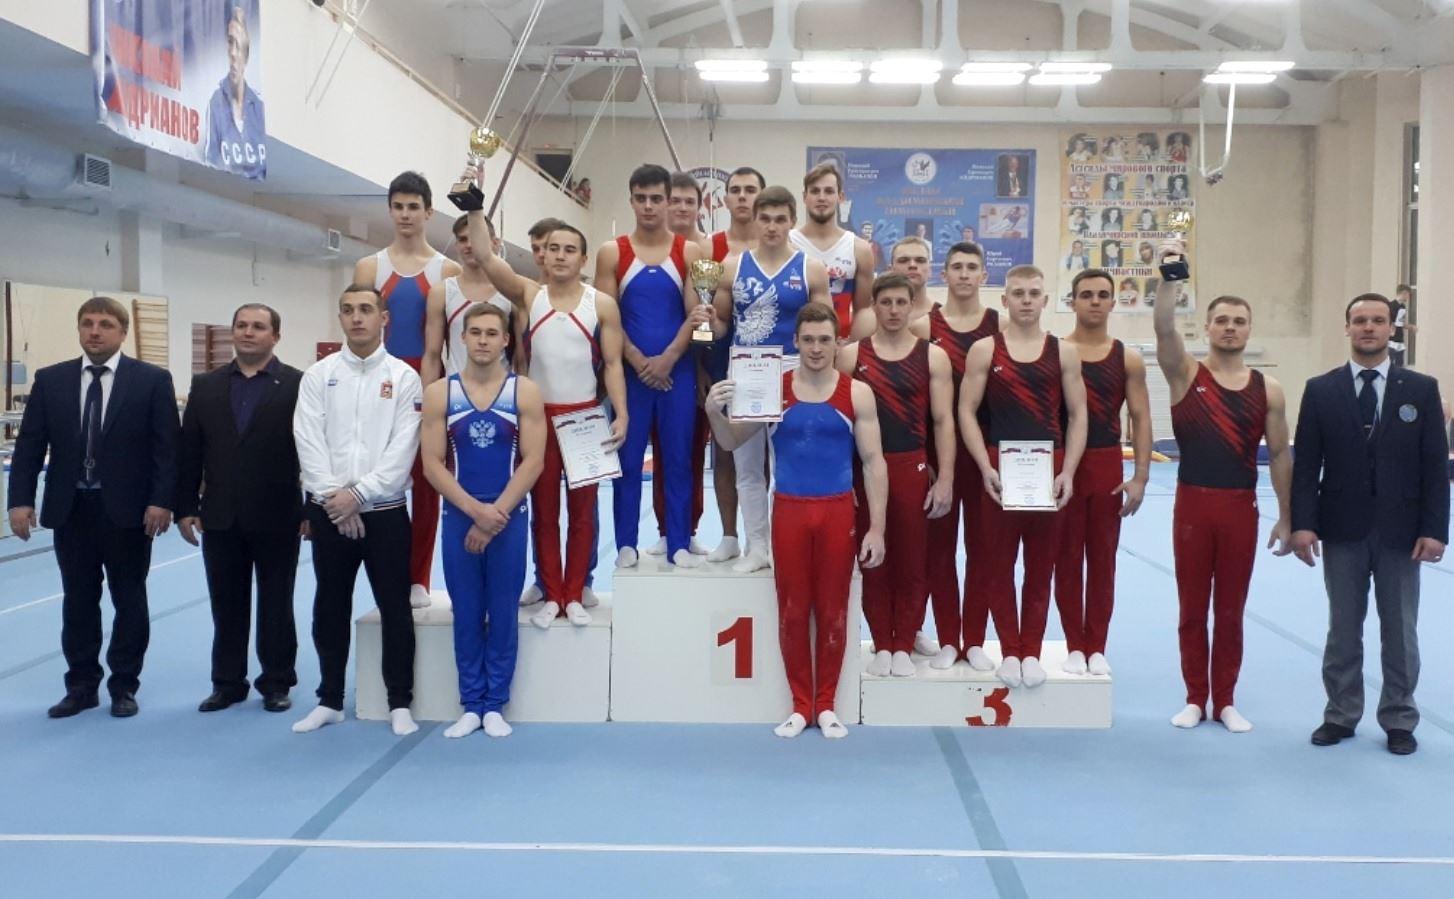 Сборная команда Костромской области вернулась с бронзовой медалью с Чемпионата ЦФО по спортивной гимнастике